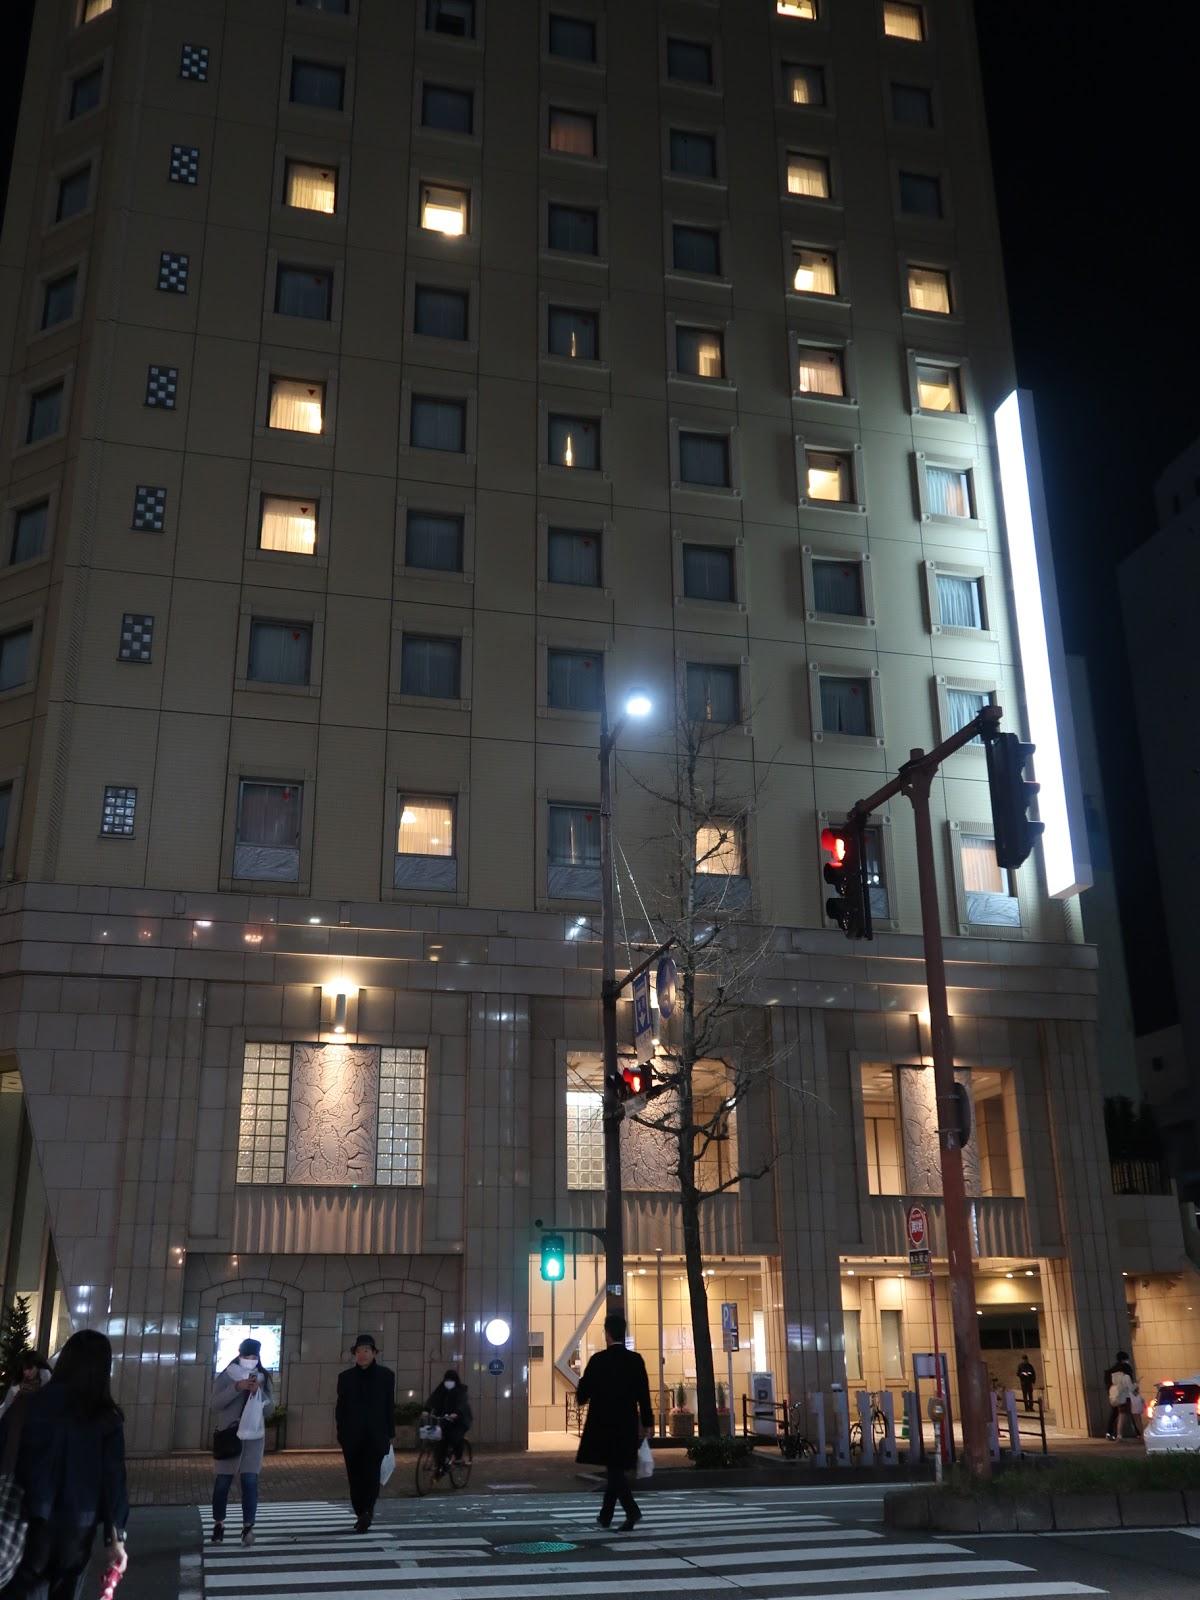 ごろごろ: Hotel Monterey La Soeur Fukuoka ホテルモントレラ・スール福岡